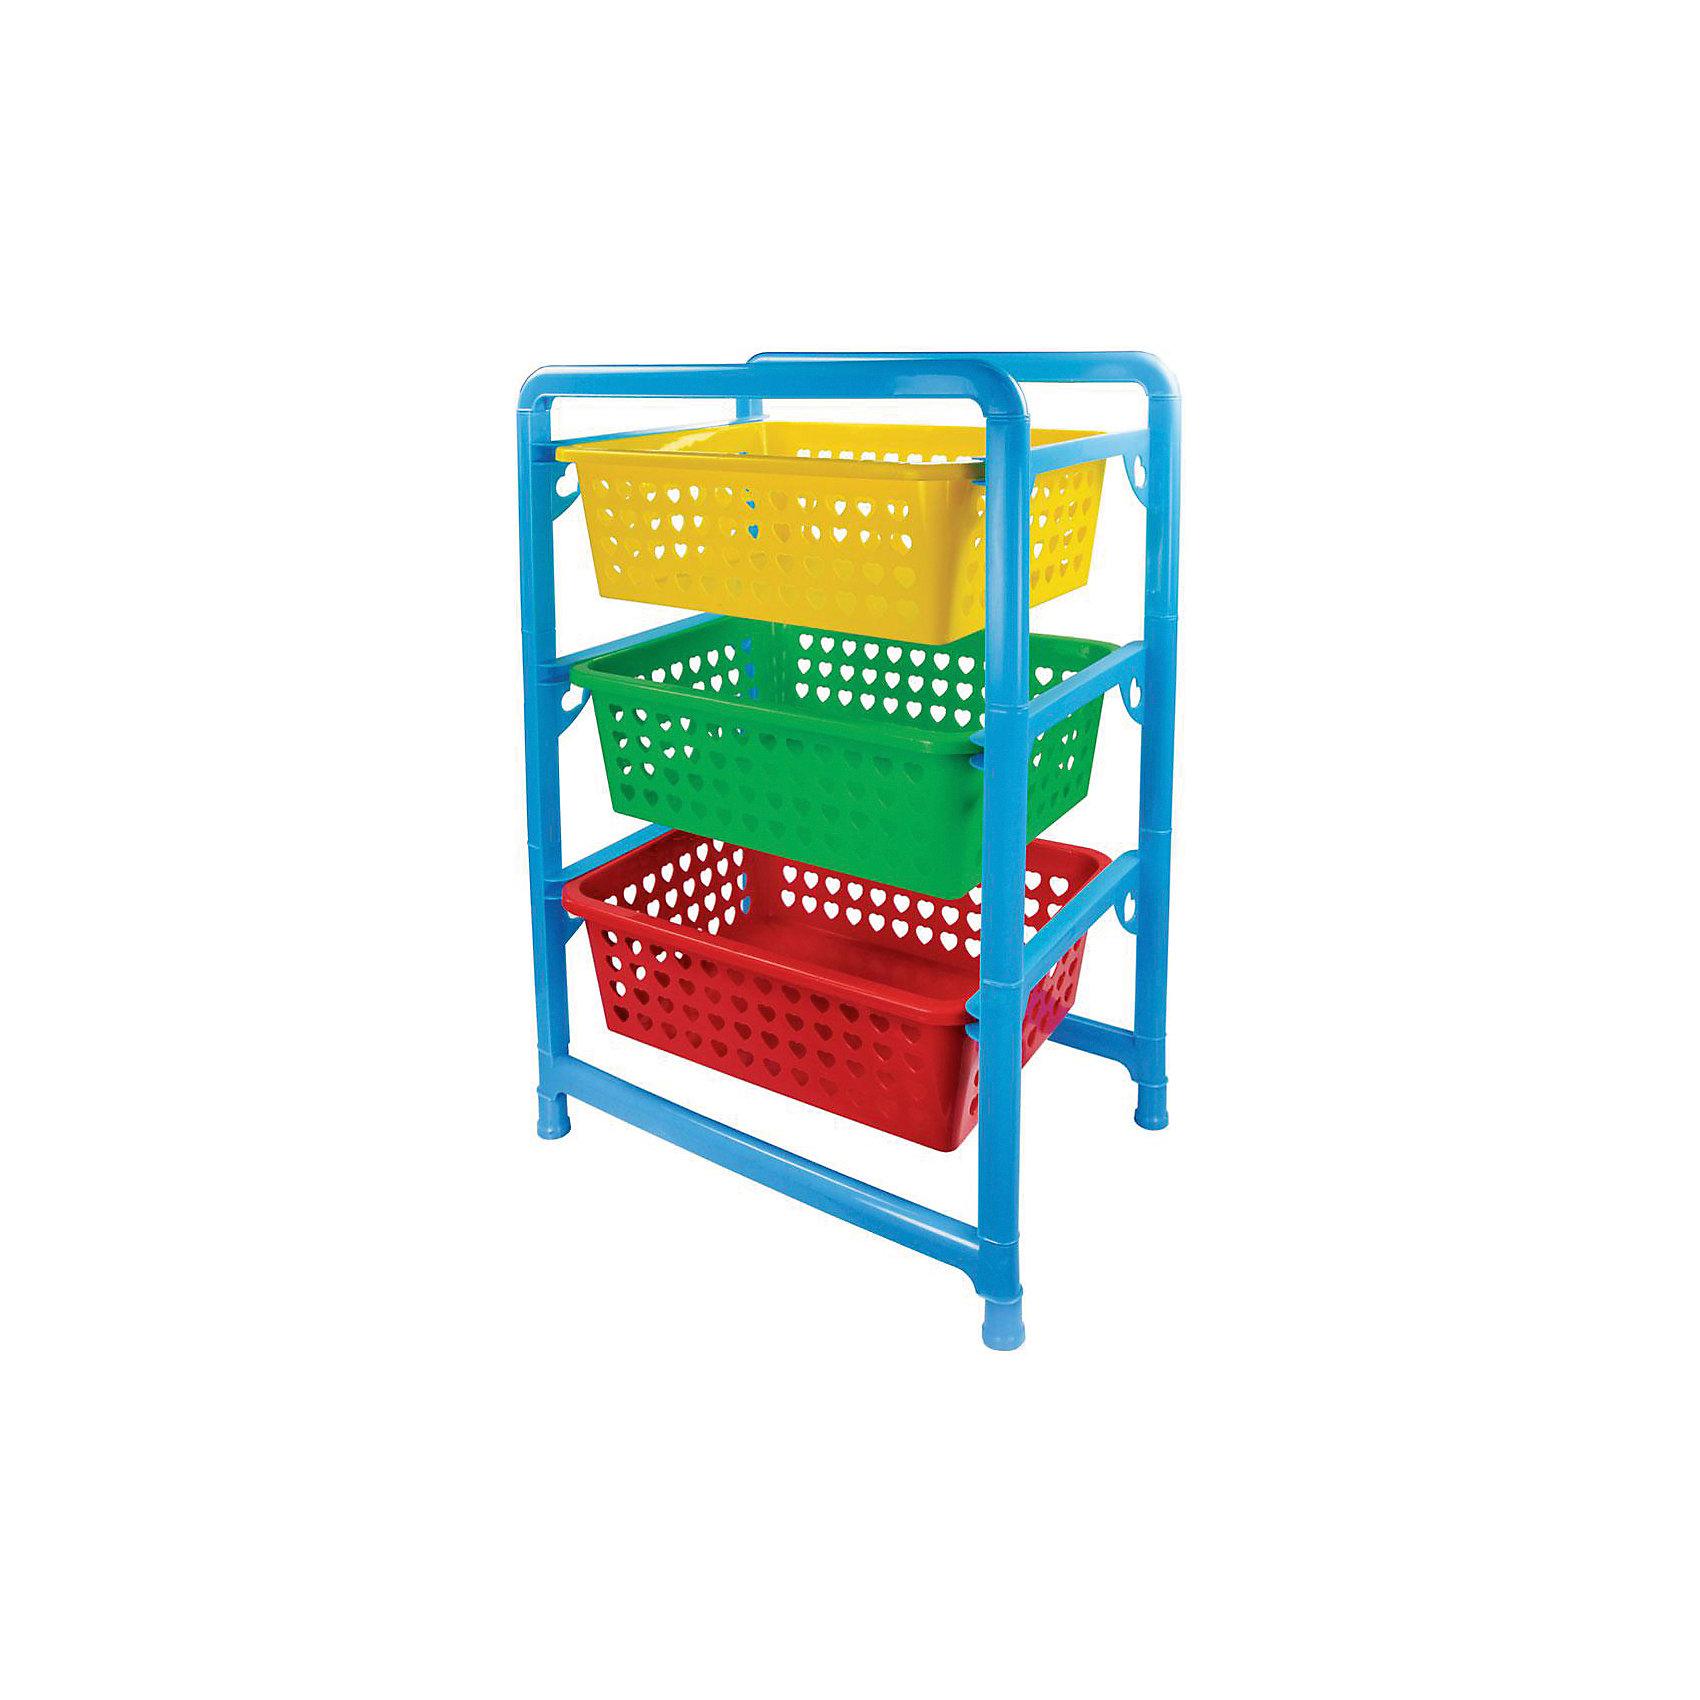 Этажерка для игрушек 3-х секц. ,  AlternativaЭтажерка для игрушек имеет 3 секции разных цветов, которые легко достать при необходимости. Ребенку будет удобно рассортировать свои игрушки по разным секциям. А благодаря яркому дизайну, собирать игрушки будет весело и интересно!<br><br>Дополнительная информация:<br>Материал: пластик<br>Размеры: 45х31х64 см<br><br>Этажерку для игрушек вы можете приобрести в нашем интернет-магазине.<br><br>Ширина мм: 450<br>Глубина мм: 310<br>Высота мм: 640<br>Вес г: 1375<br>Возраст от месяцев: 36<br>Возраст до месяцев: 144<br>Пол: Унисекс<br>Возраст: Детский<br>SKU: 4979806